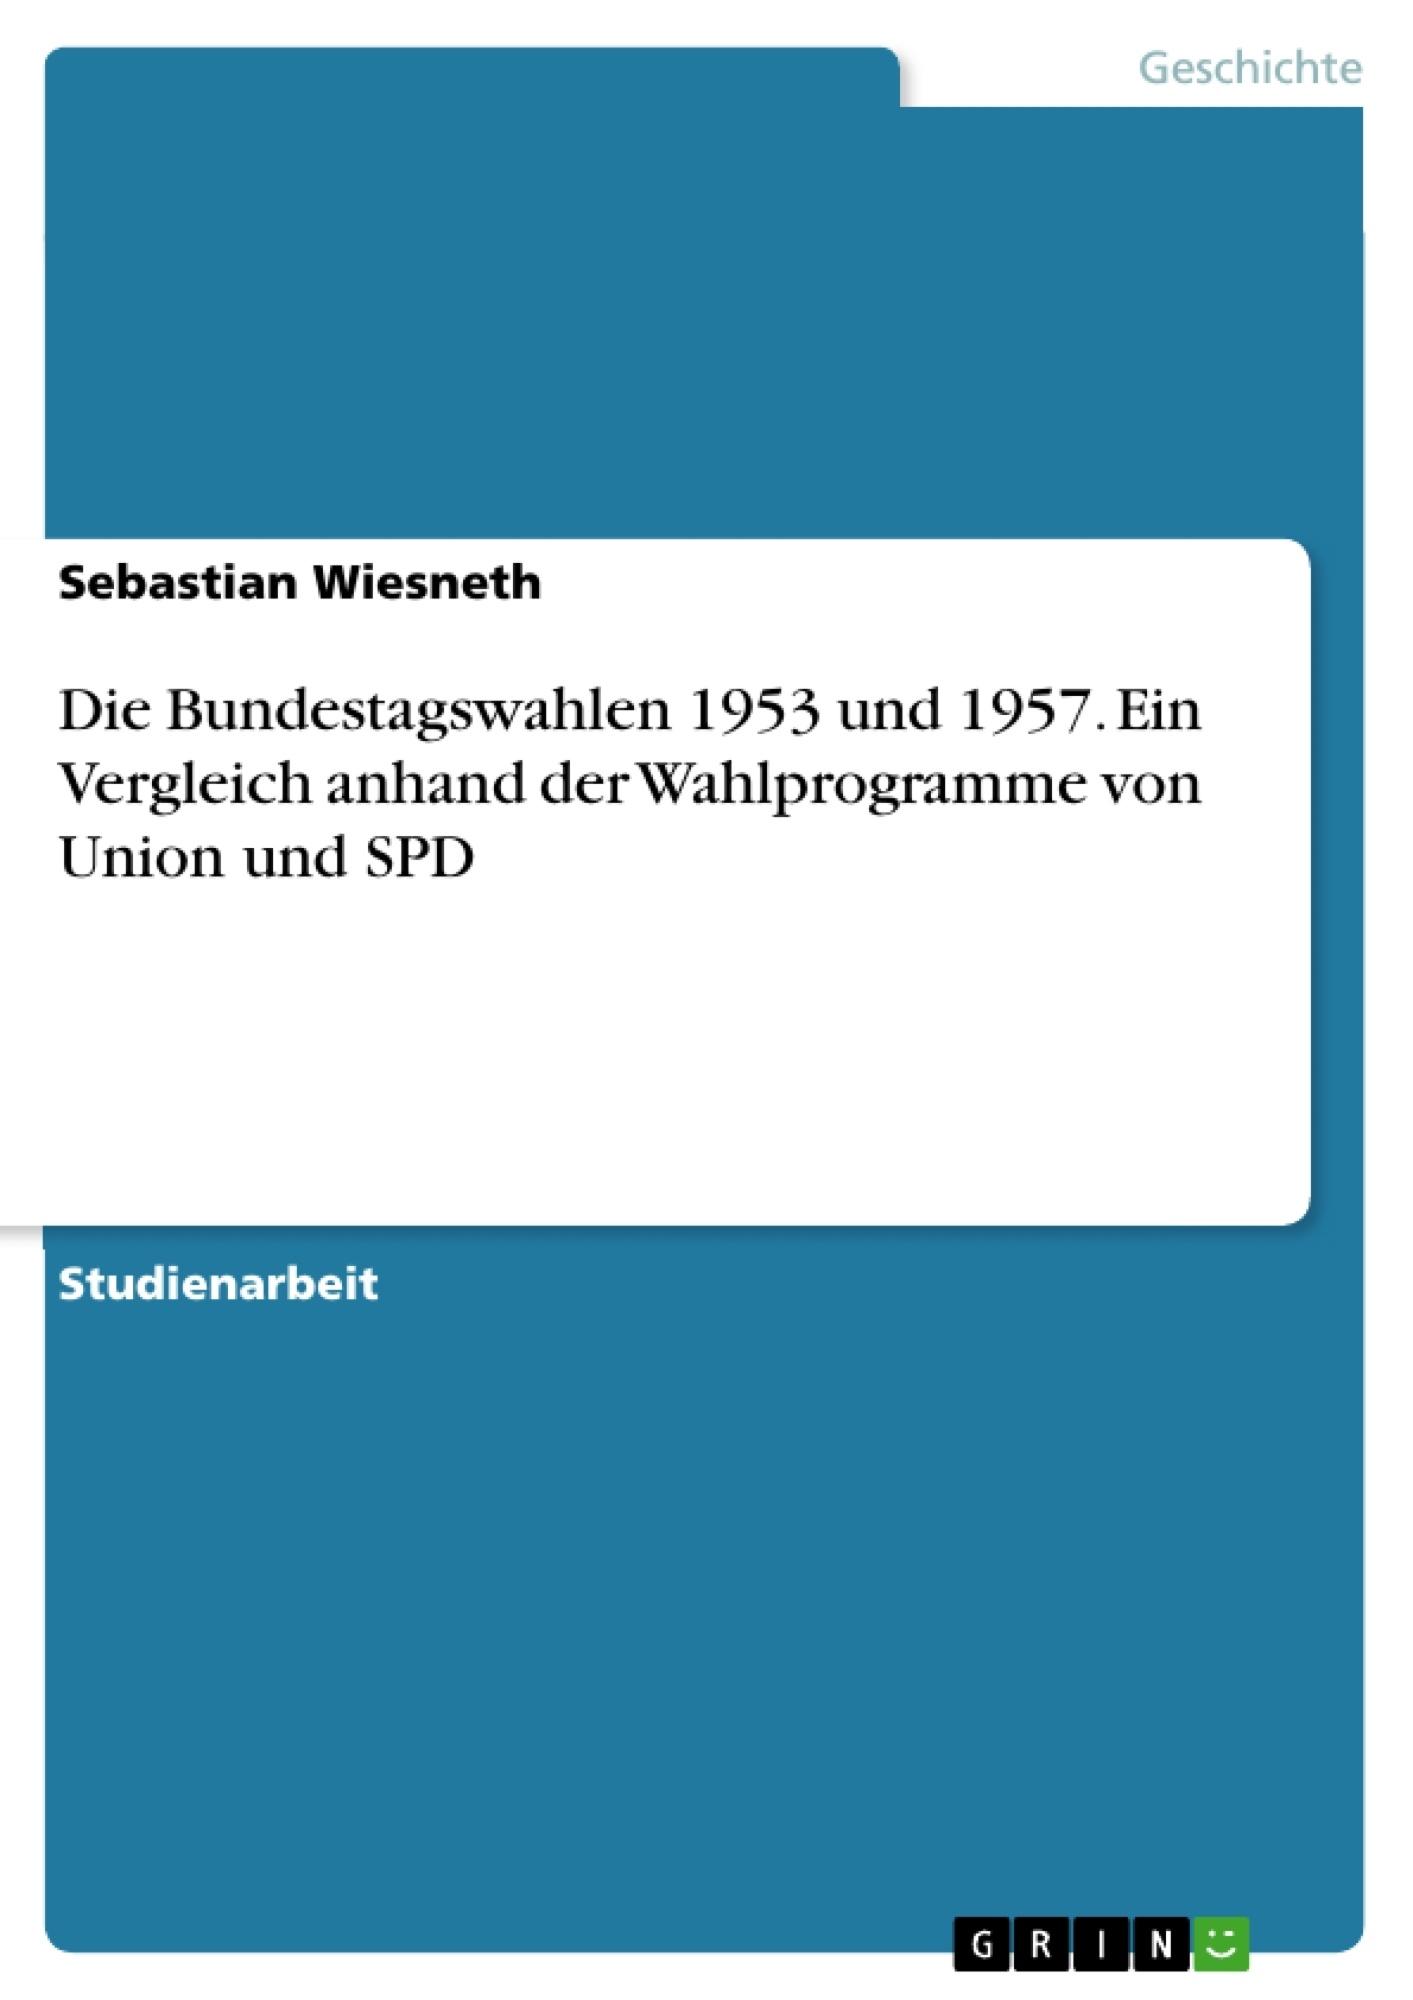 Titel: Die Bundestagswahlen 1953 und 1957. Ein Vergleich anhand der Wahlprogramme von Union und SPD